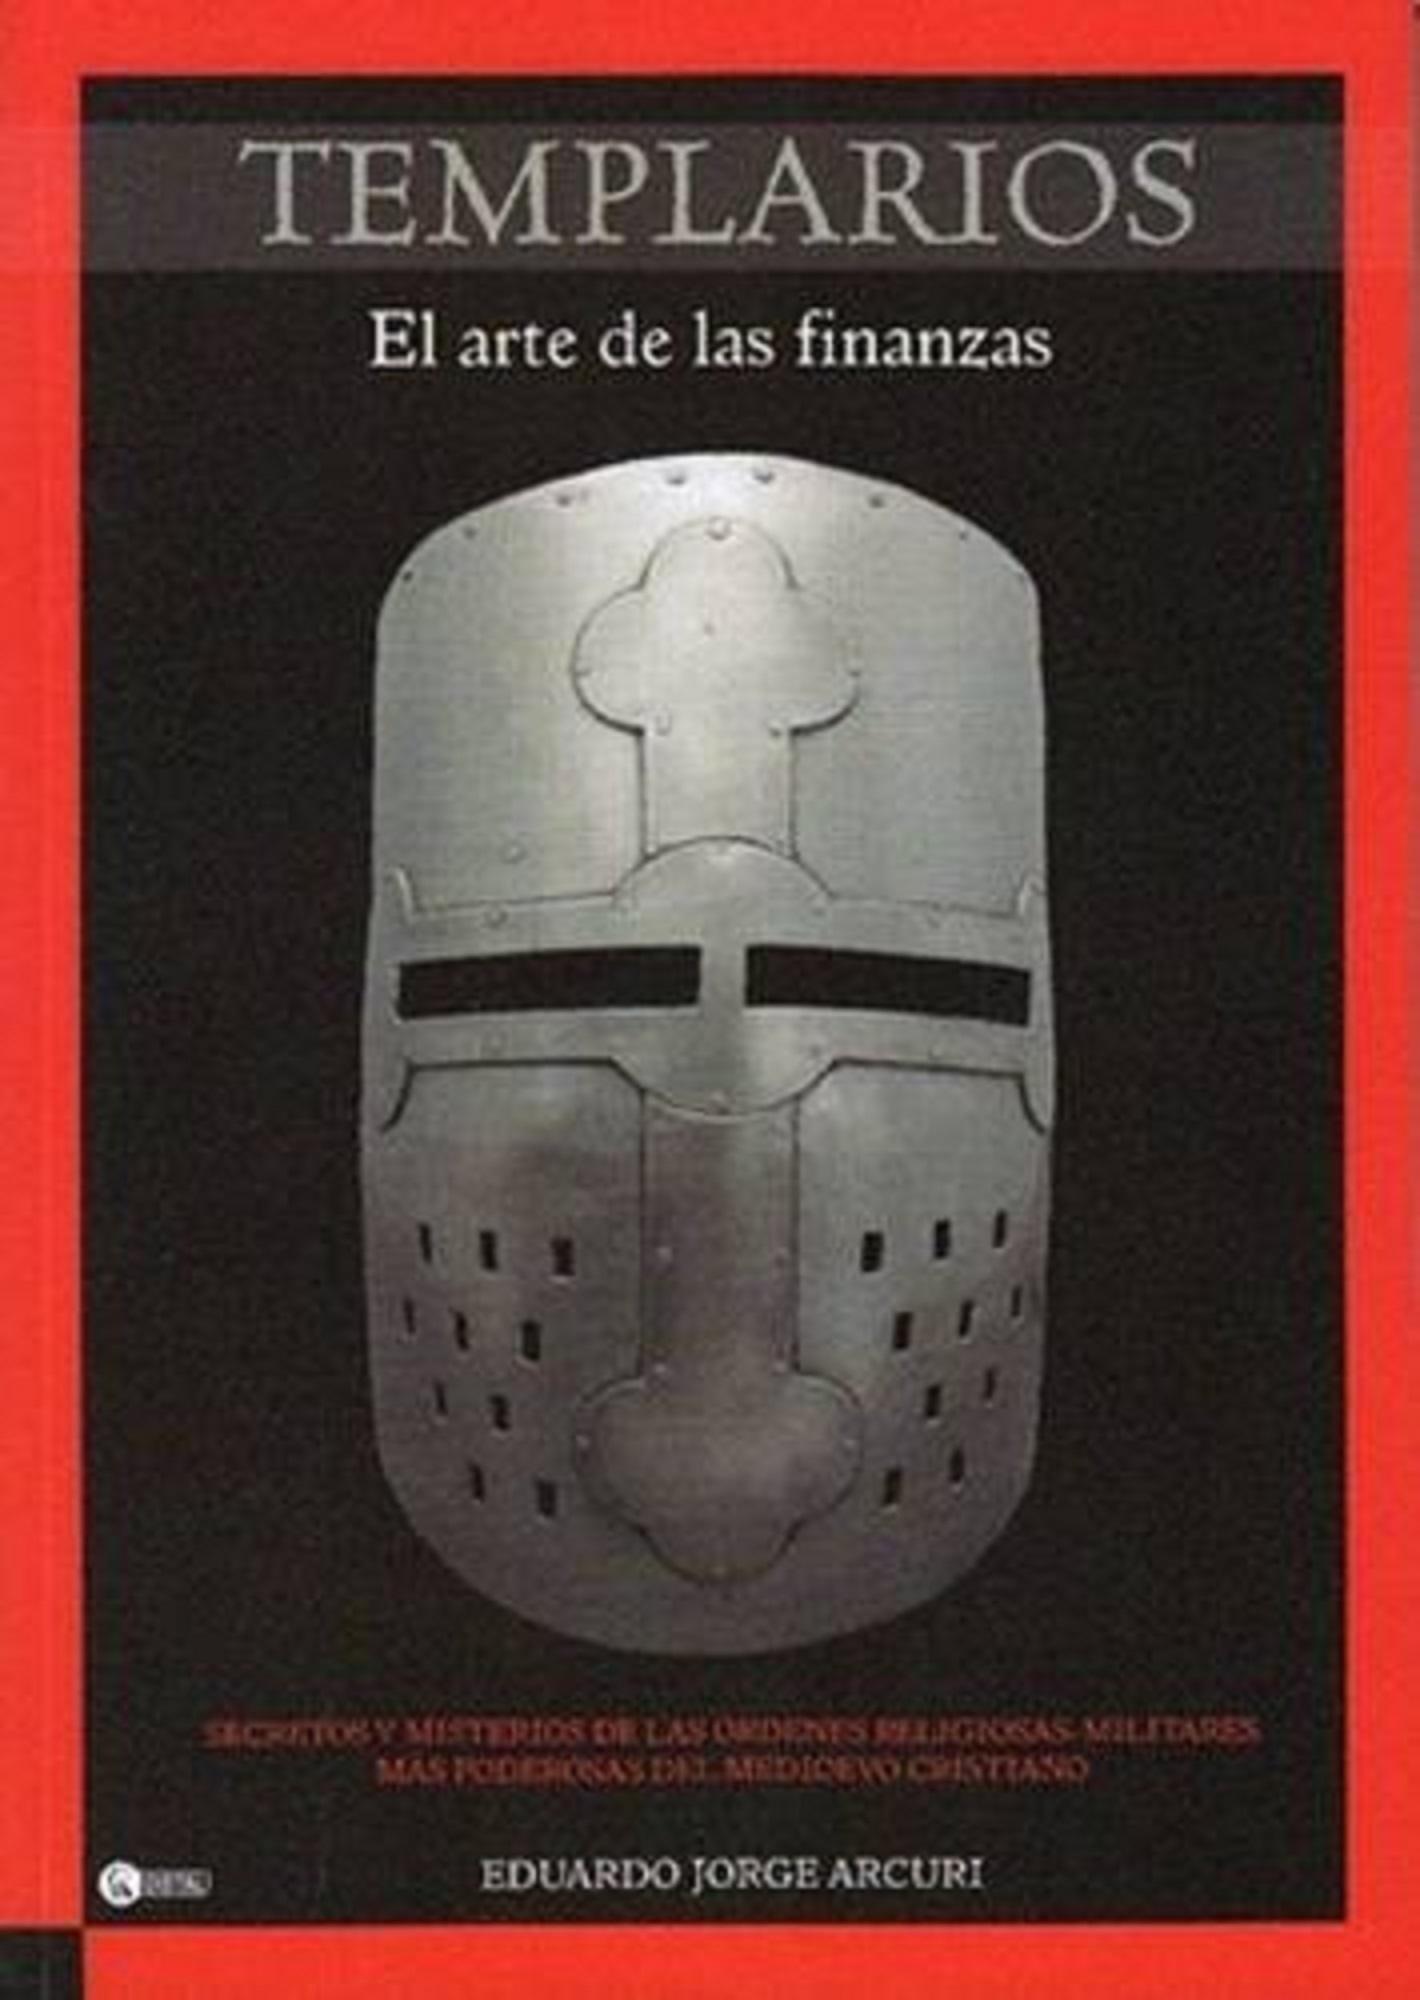 Templarios, el arte de las finanzas.jpg